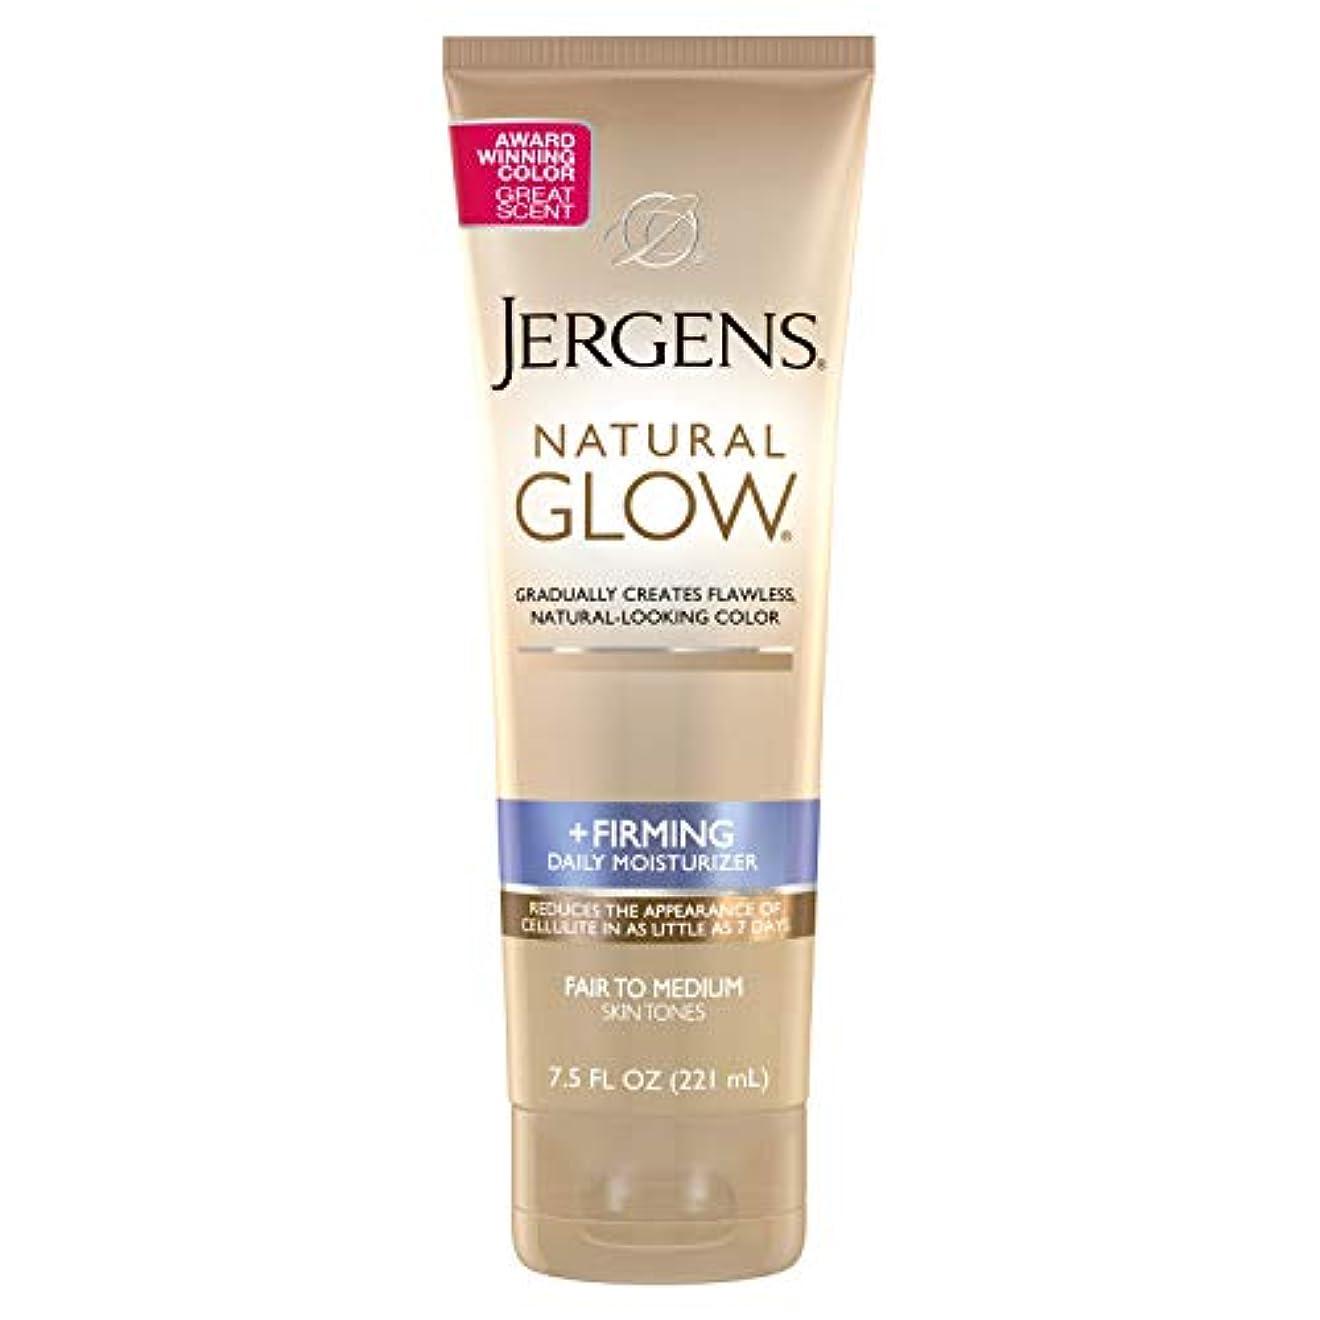 粘り強い遠征五Natural Glow Firming Moisturizer for Fair to Mediu Jergens 7.5 oz Moisturizer For Unisex (並行輸入品)